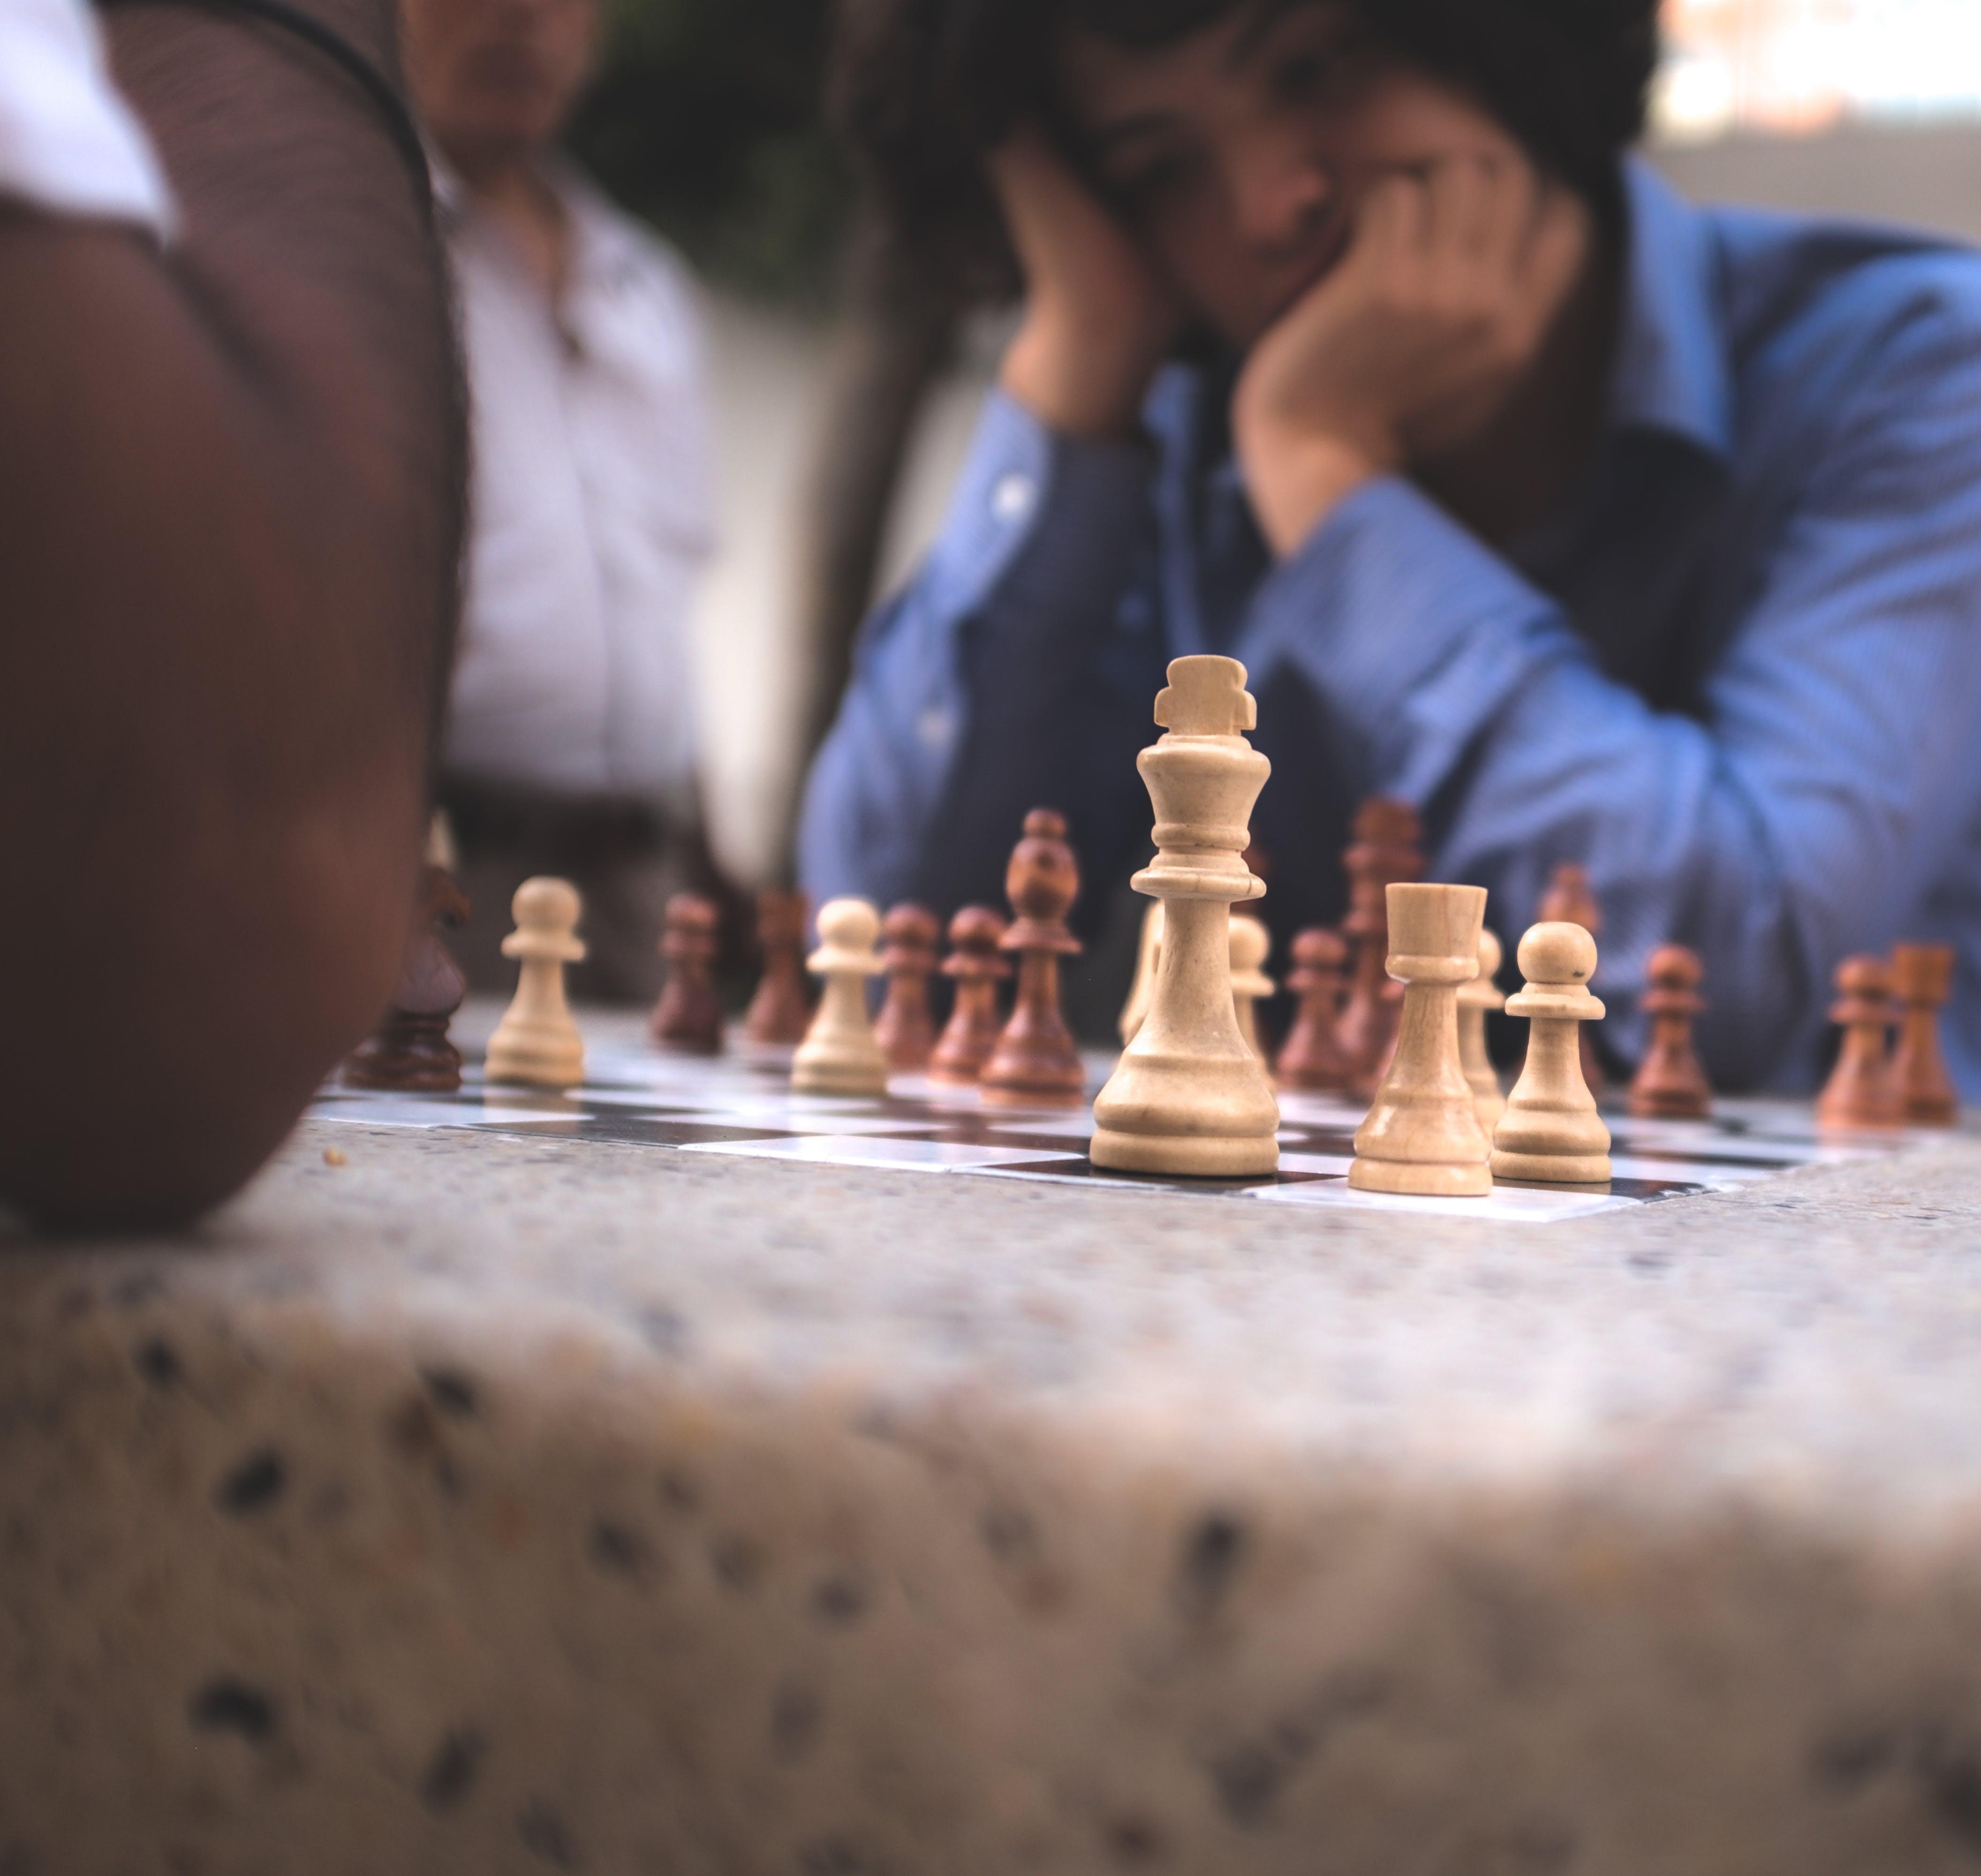 Δωρεάν στοκ φωτογραφιών με ajedrez, άθλημα, αναπαριστώ, παίκτης σκακιού